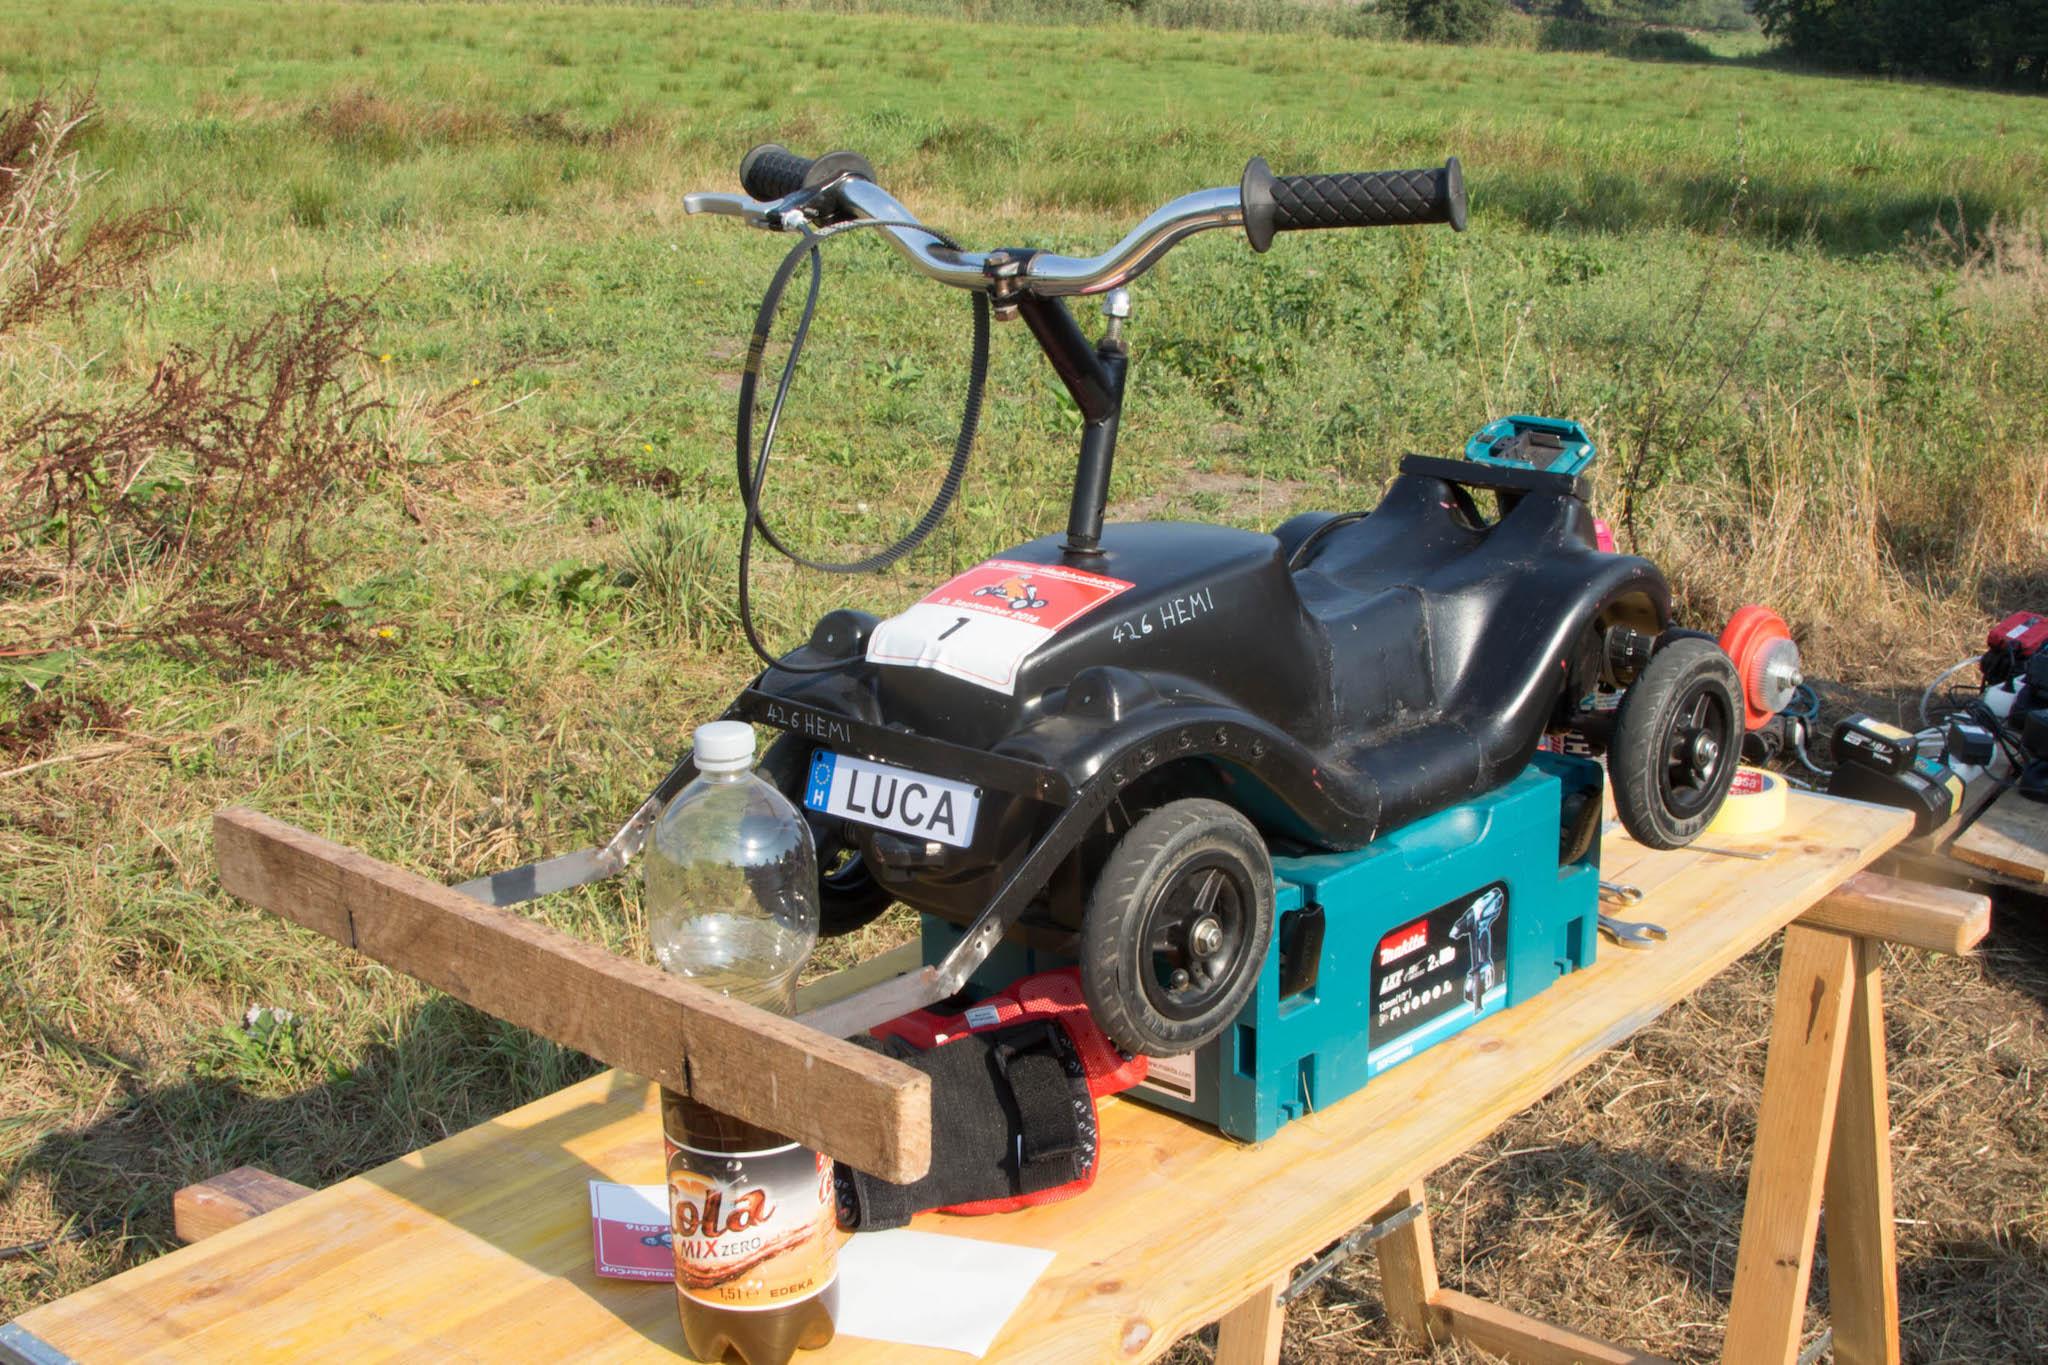 Bobbycar extrem: Gas geben mit der Fahrradbremse - Mit den entsprechenden Umbauten wird ein Bobbycar zum Rennauto. (Foto: Martin Wolf/Golem.de)